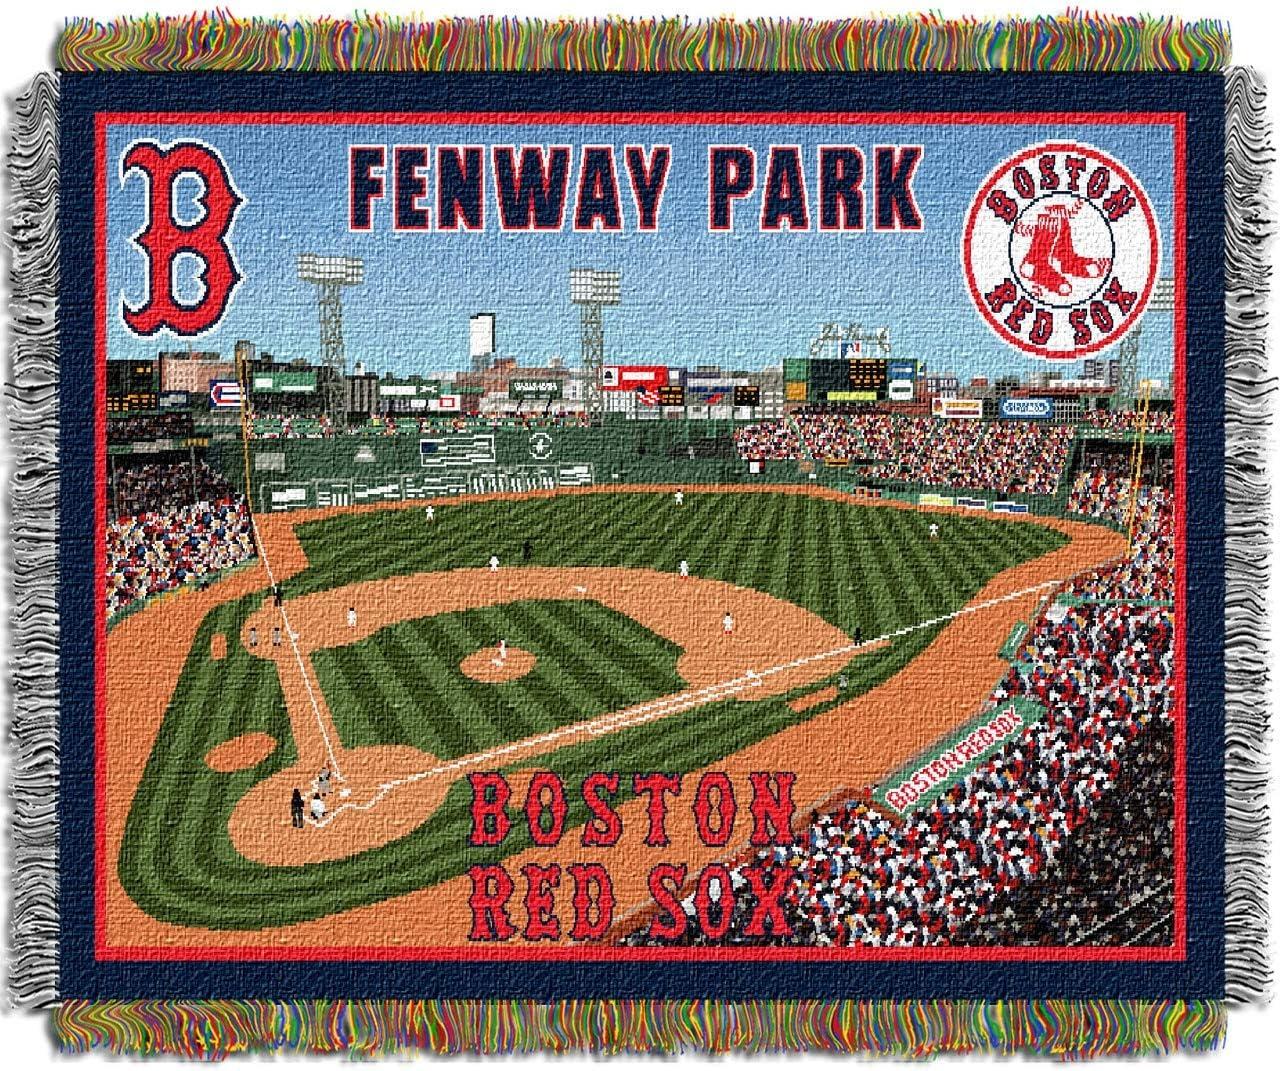 Fenway Park Wallpaper Red Sox - Wallpaper HD New